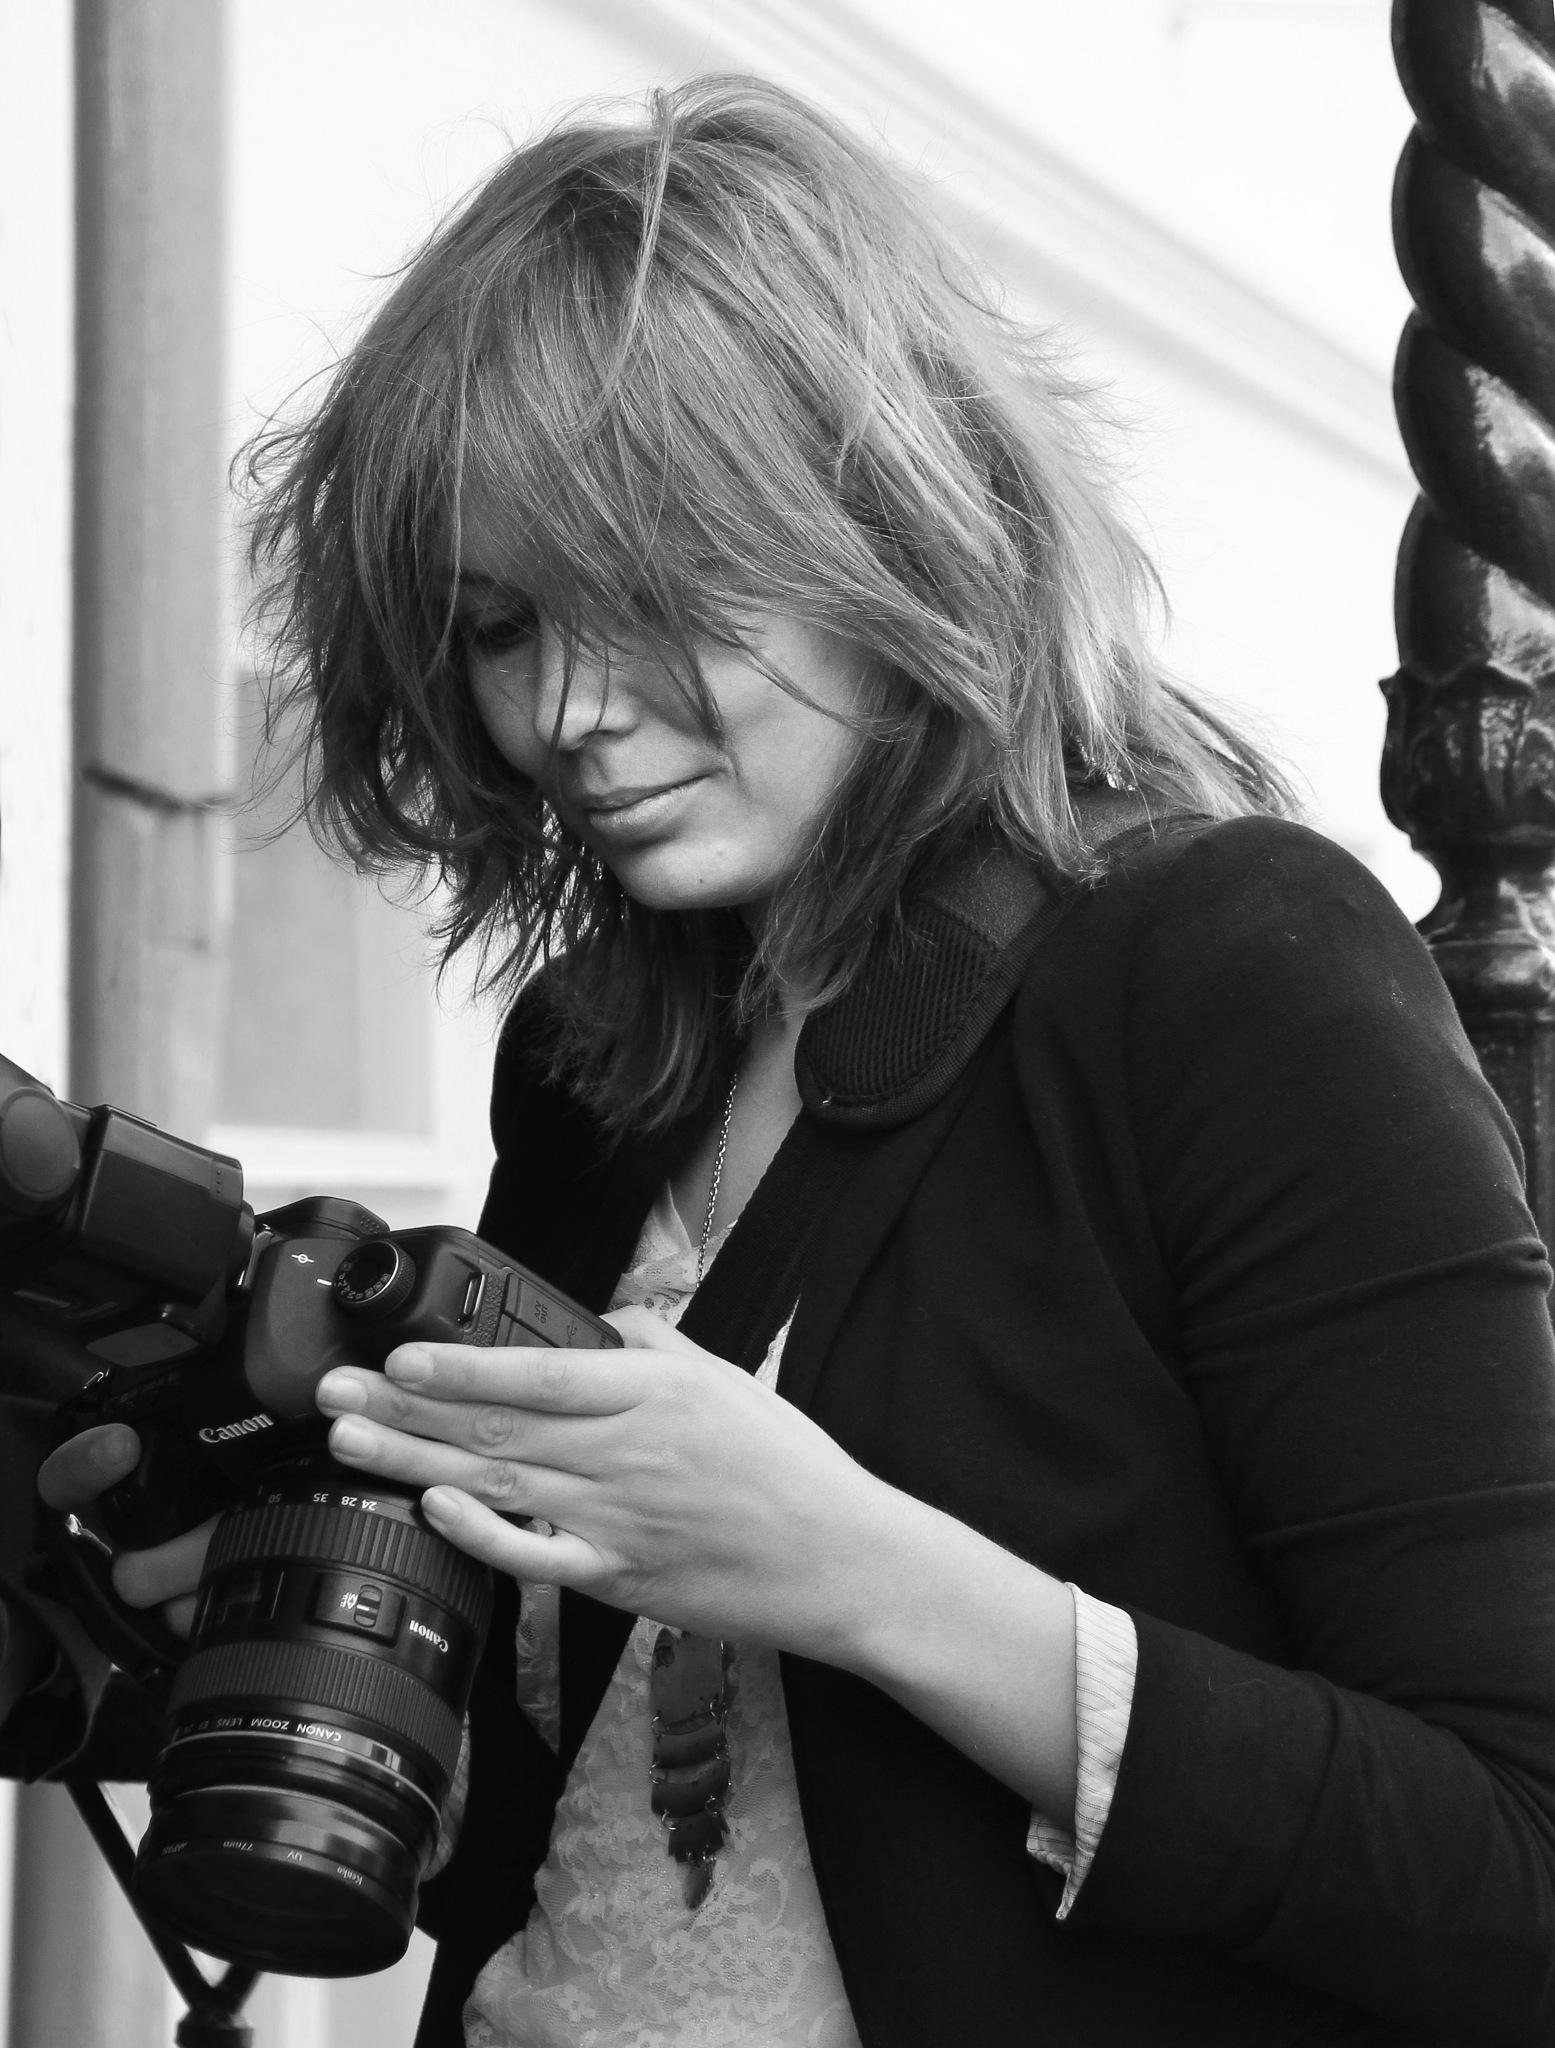 Girl and camera by Сергей Юрьев